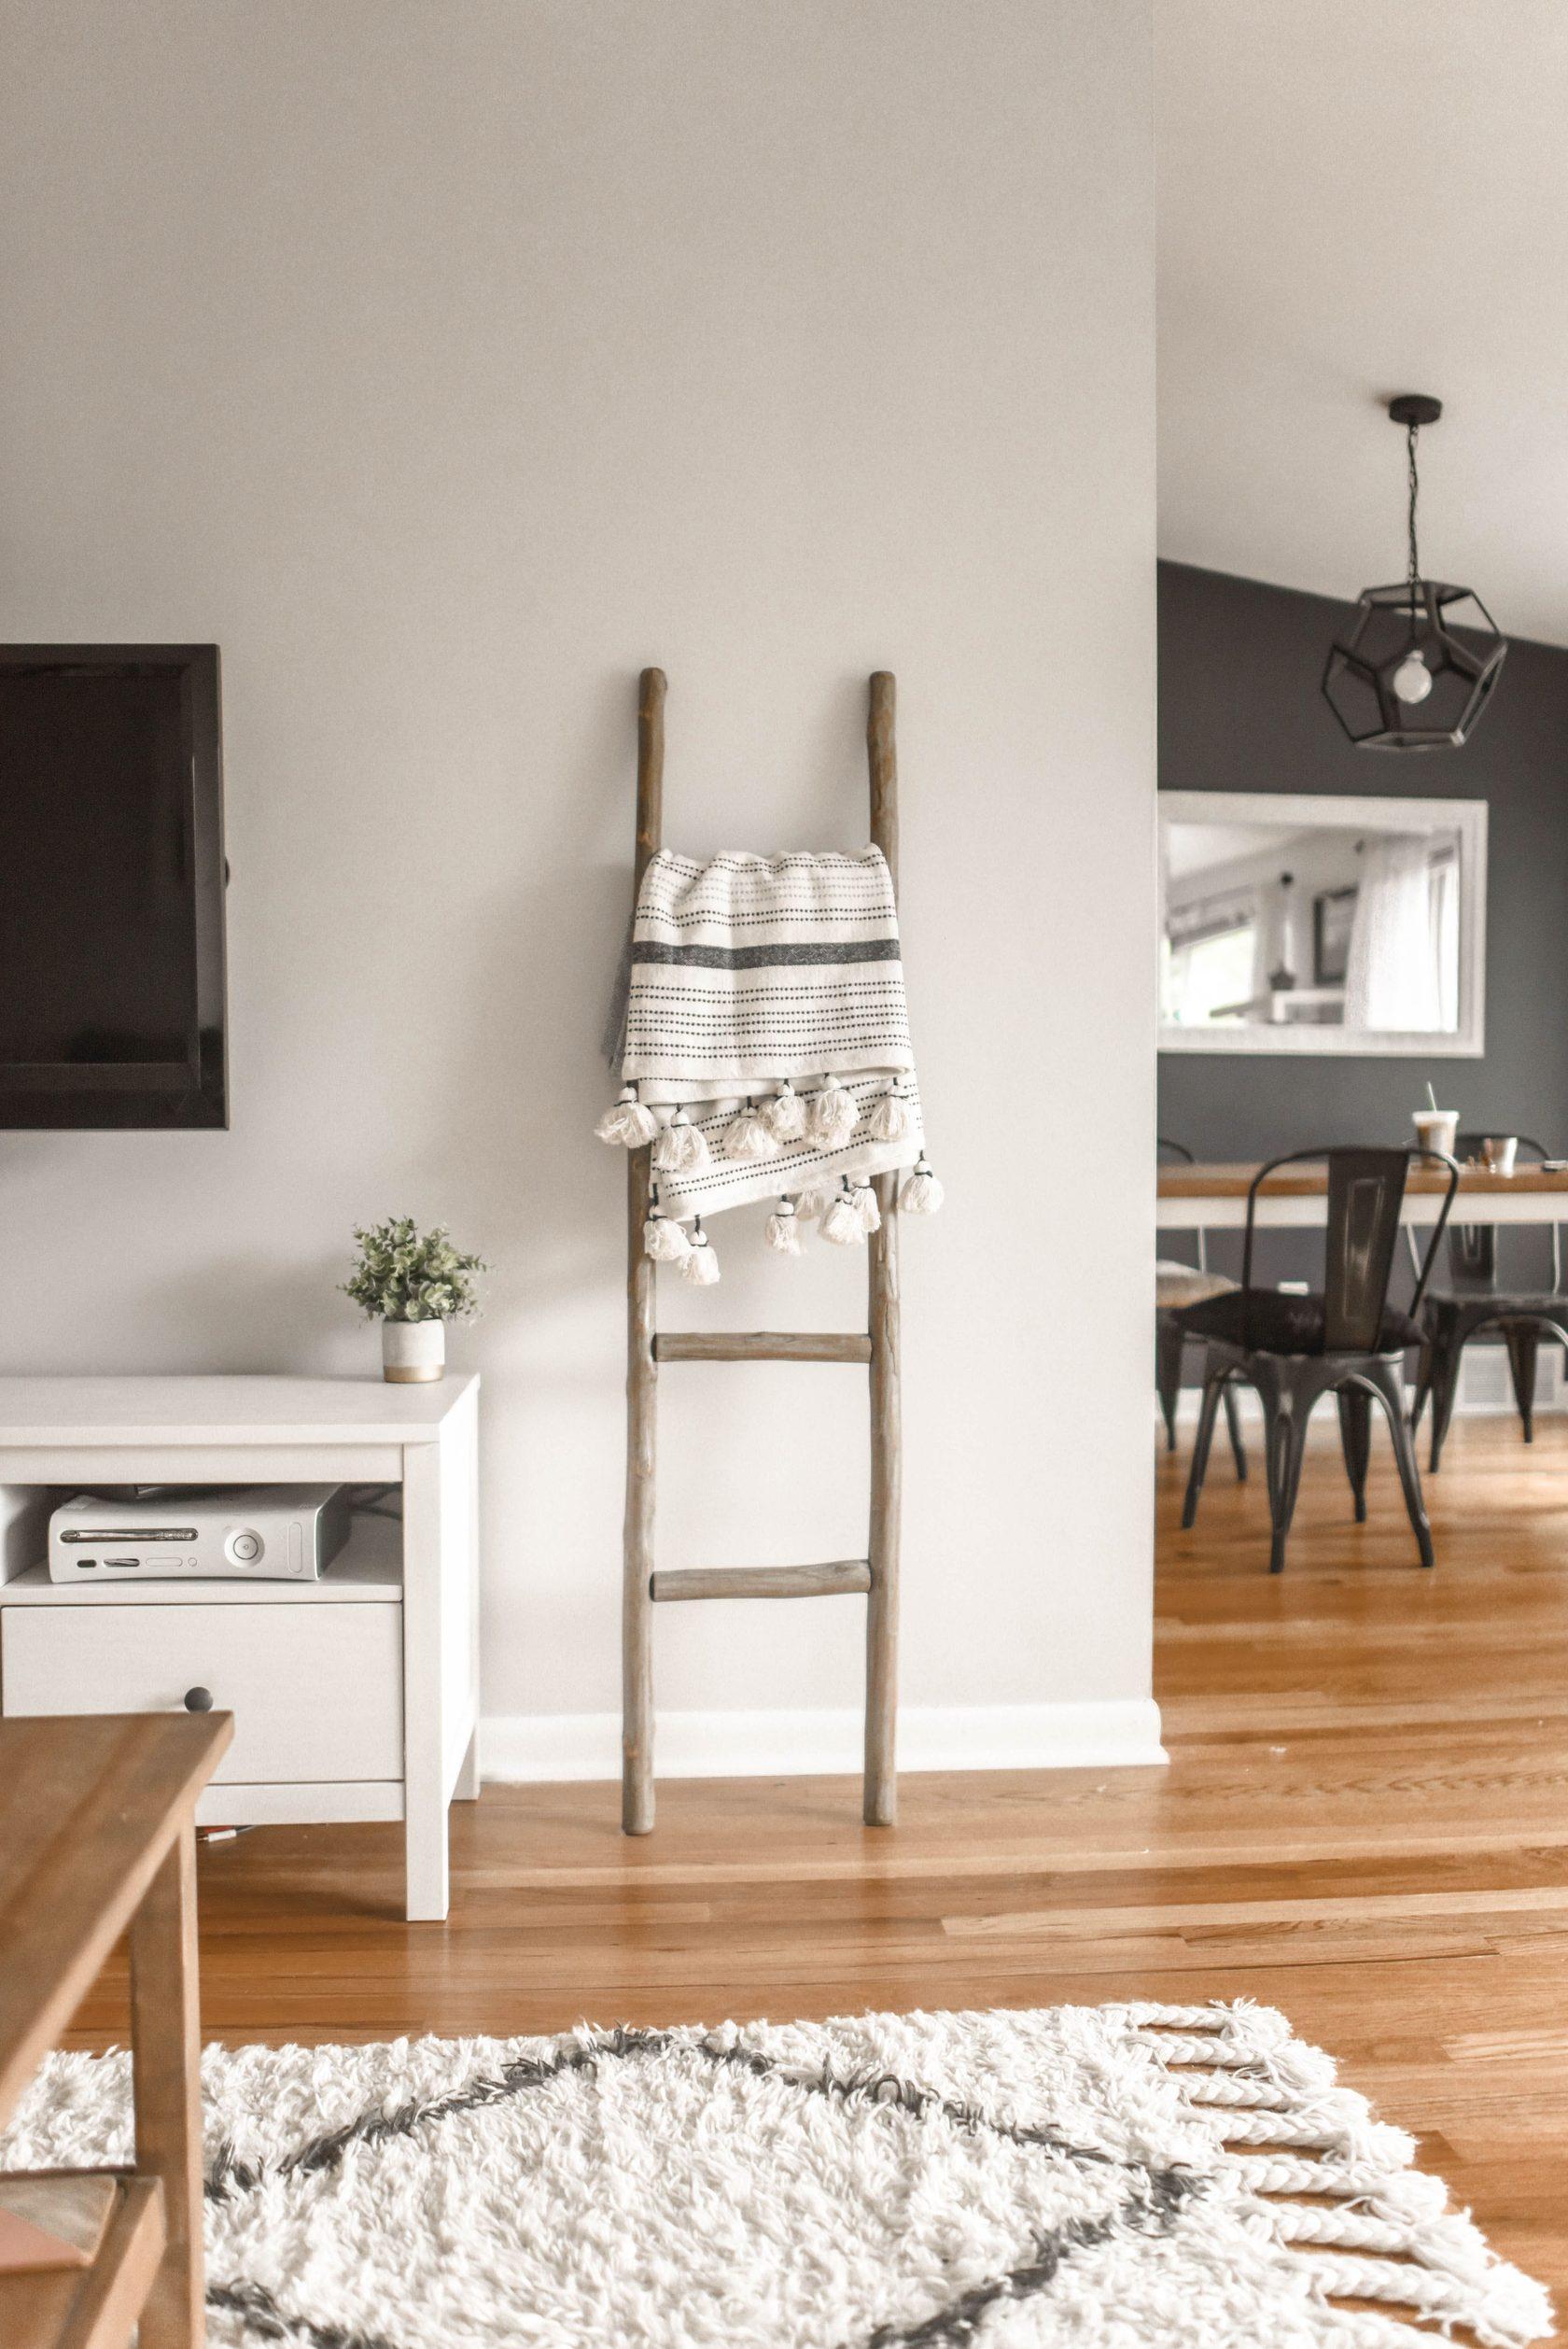 рассчитать стоимость ремонта квартиры, рассчитать ремонт квартиры онлайн, ремонт квартиры под ключ цена за метр, сколько стоит квадратный метр ремонта квартиры, сколько стоит ремонт квартиры за метр, ремонт квартир под ключ квадратный метр цена